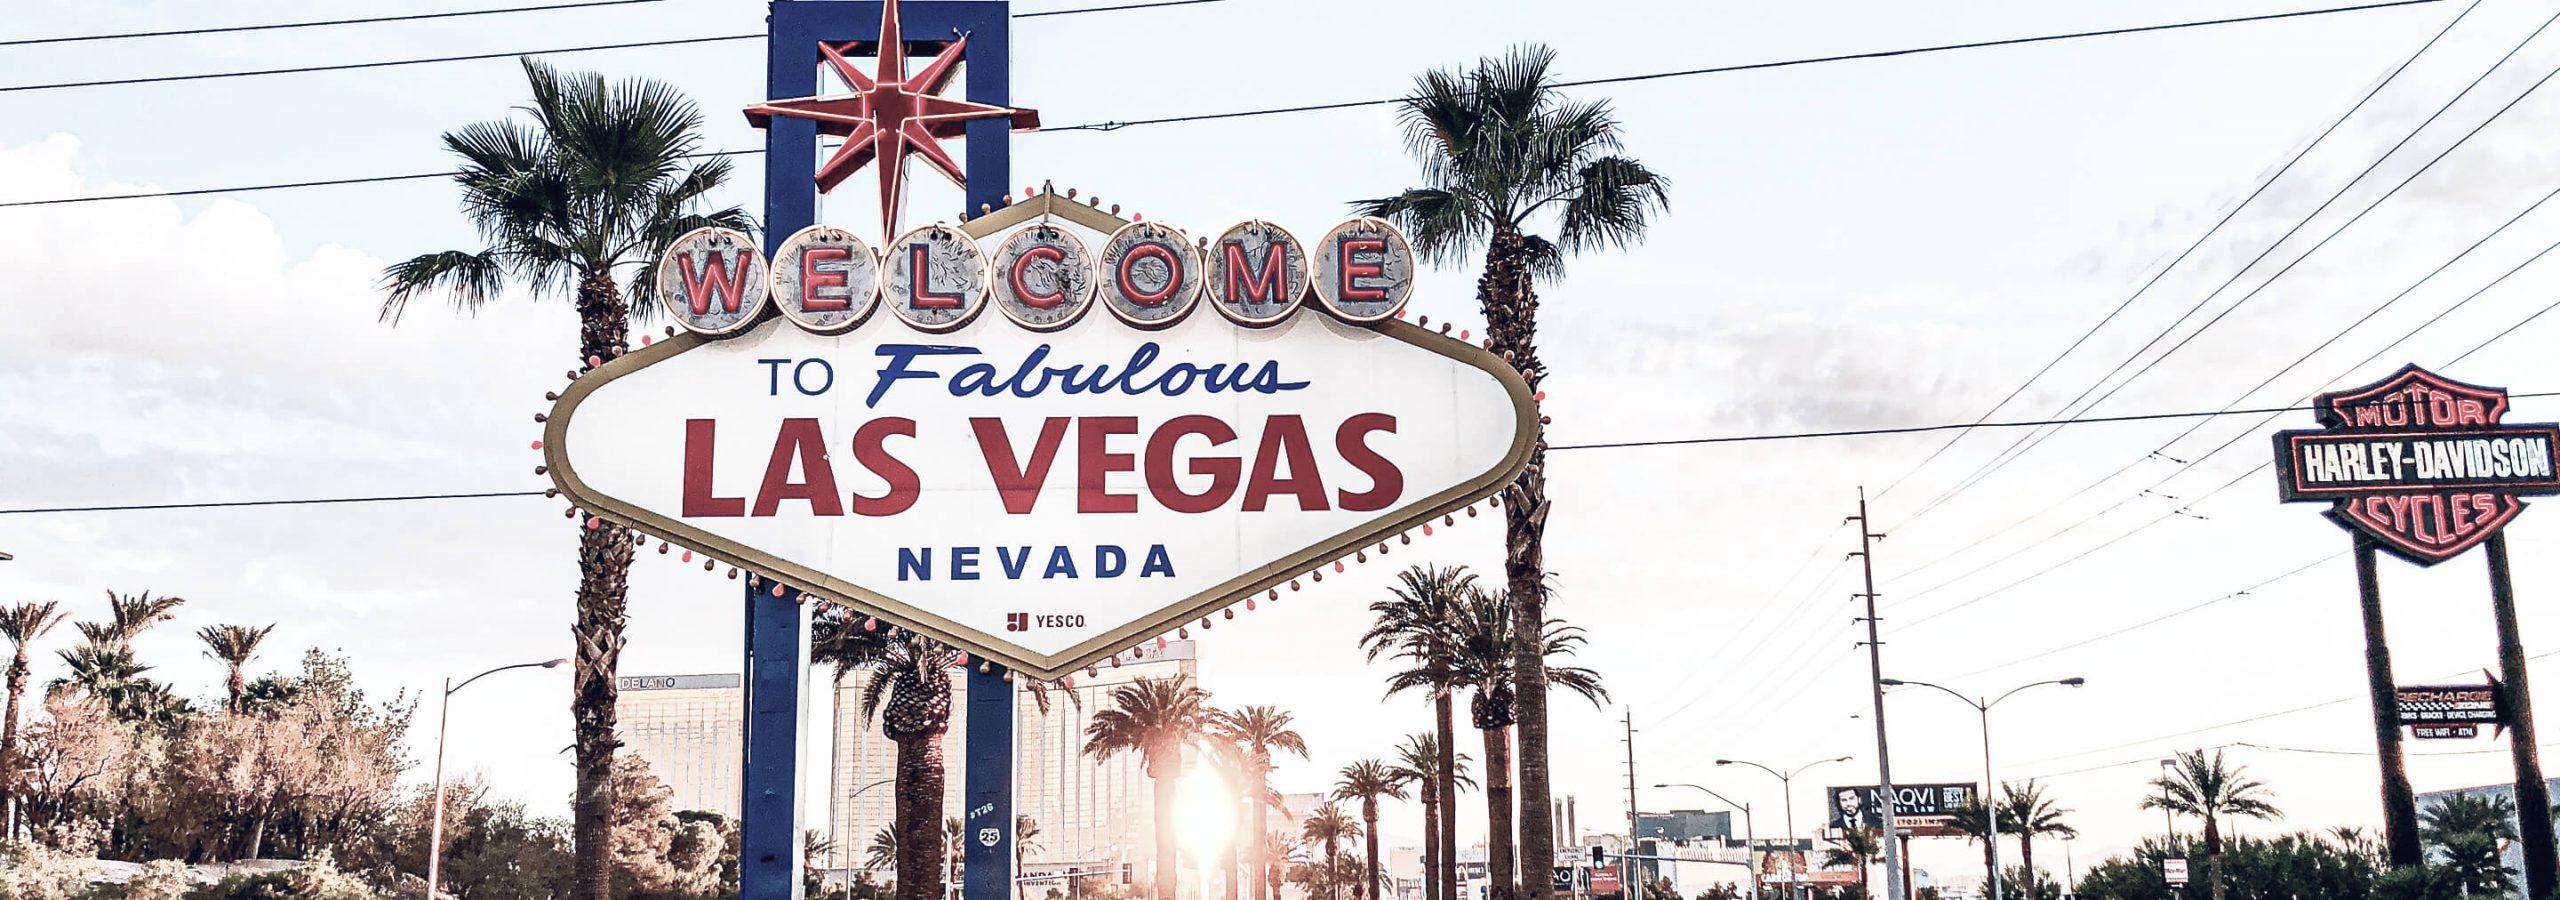 Profico on Interop Las Vegas